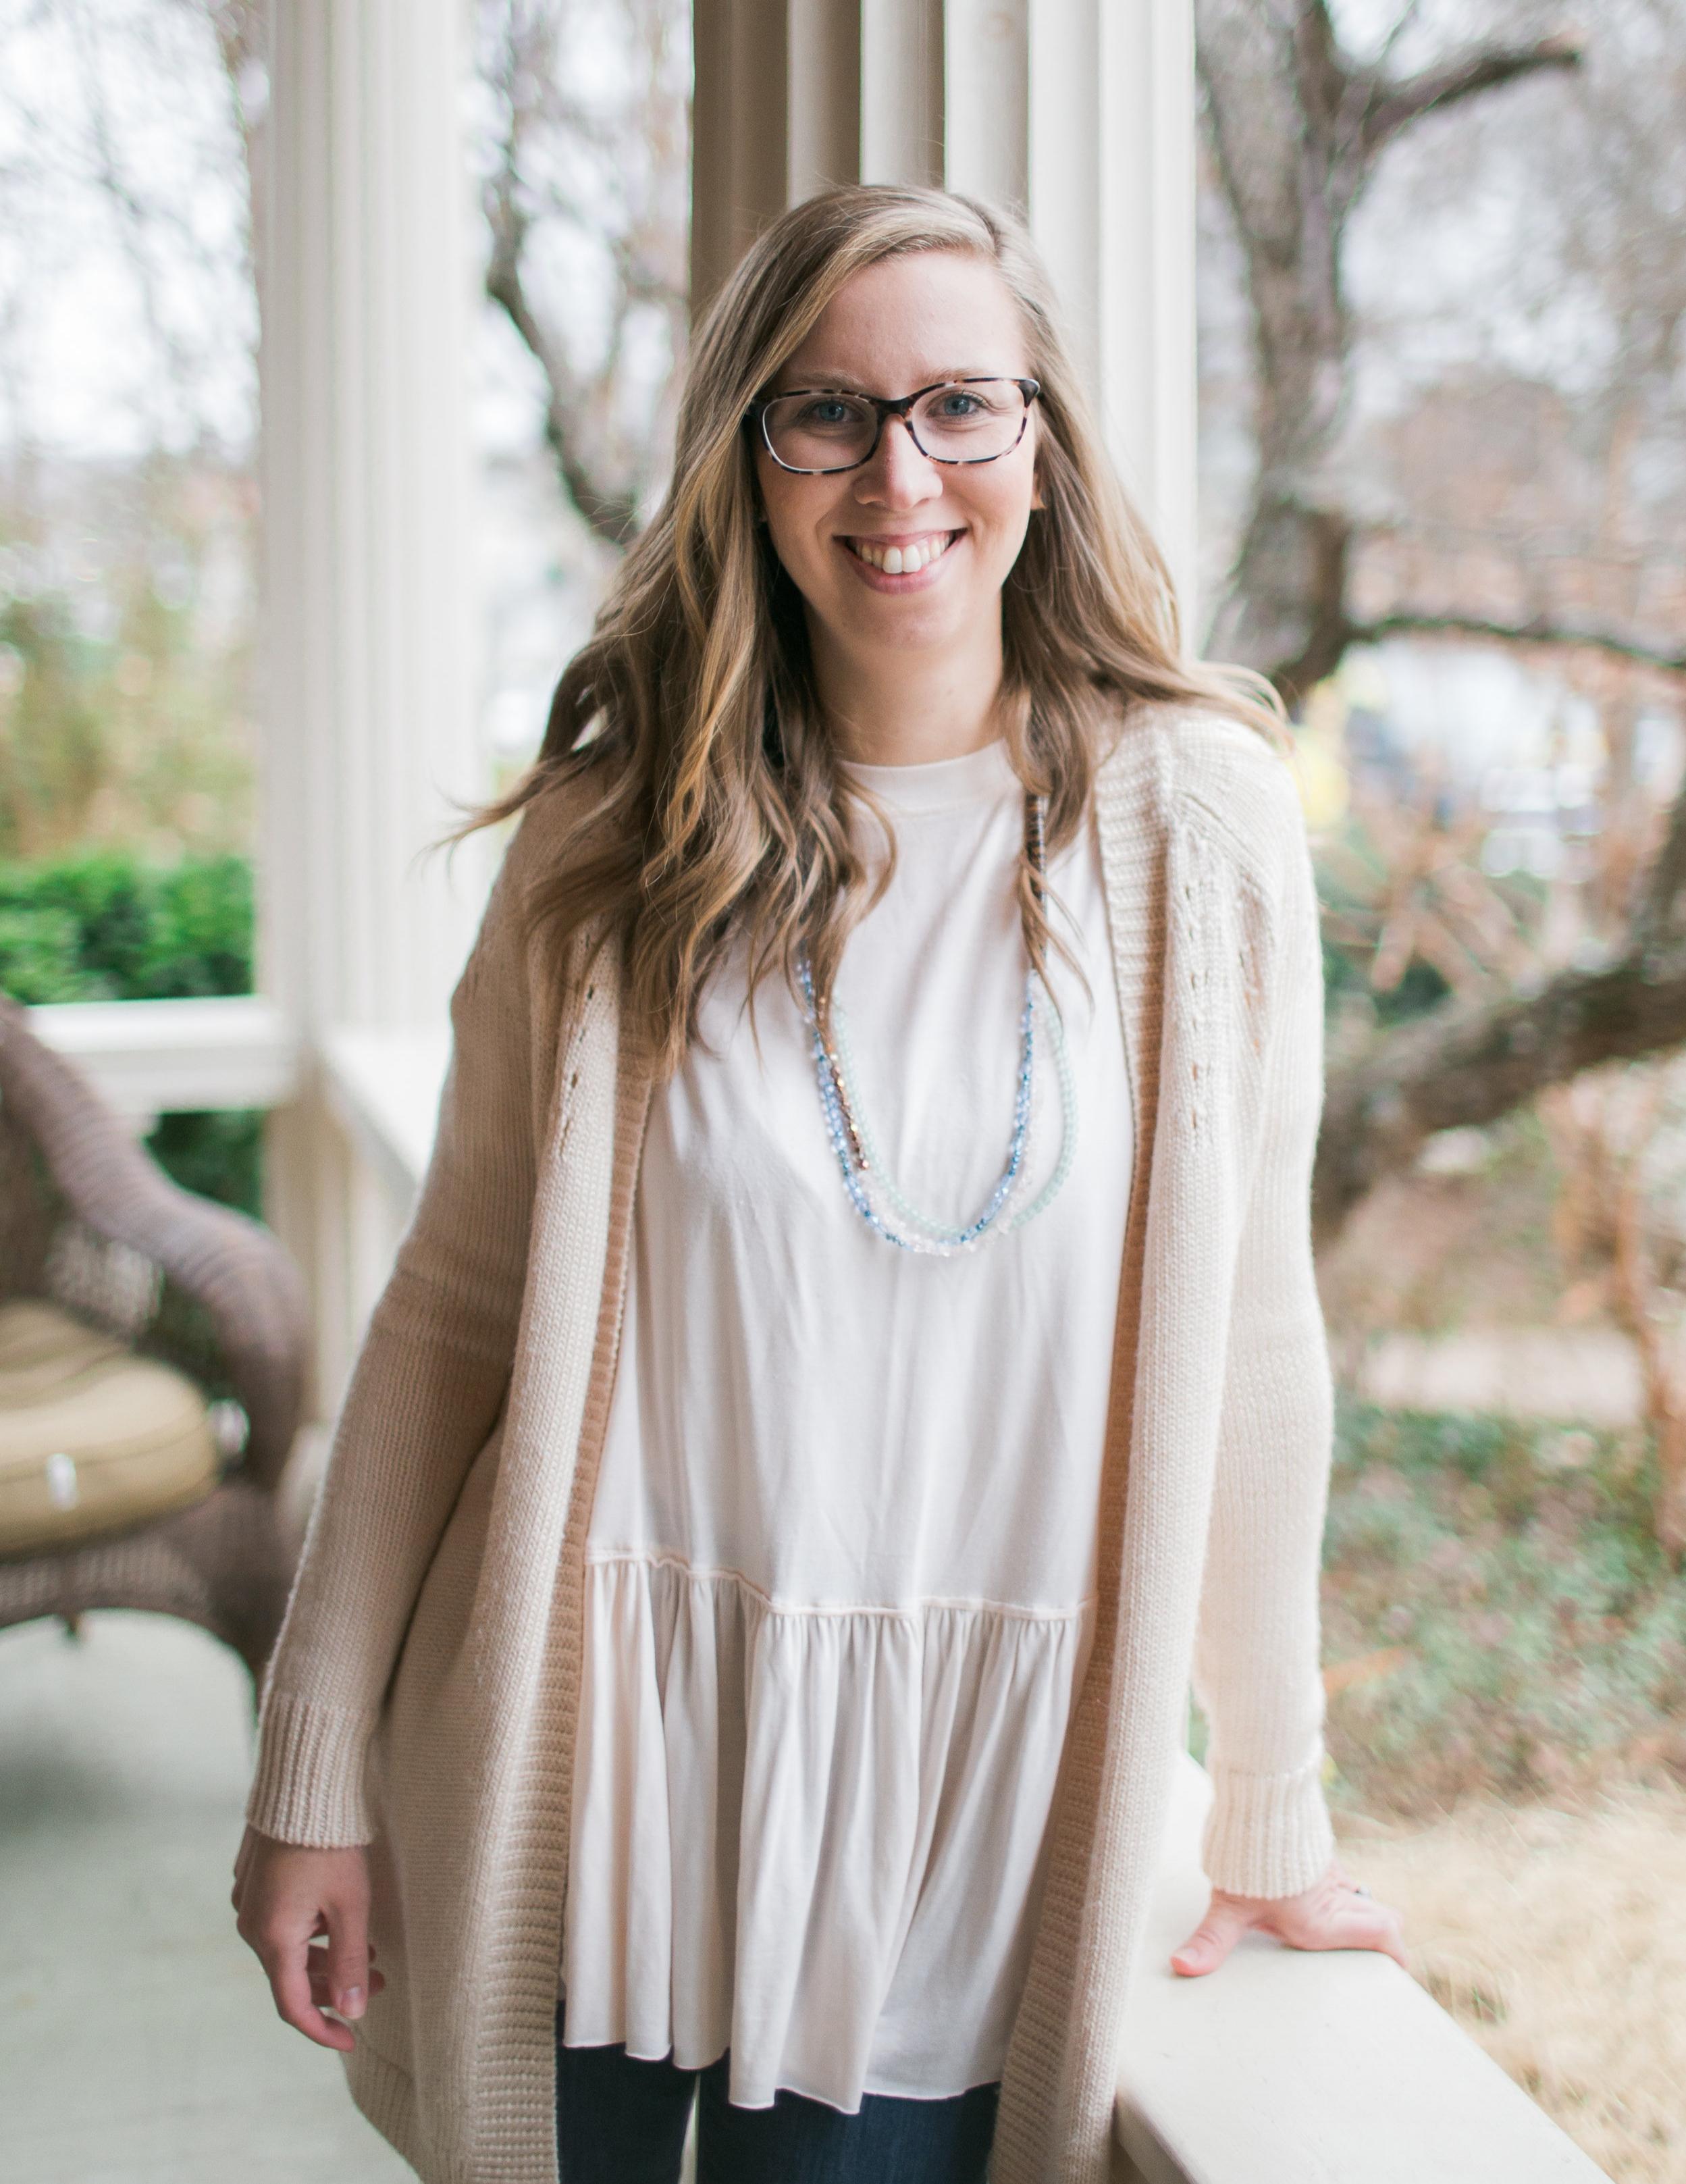 Rose & Lily Events Coordinator Ciera Fortner